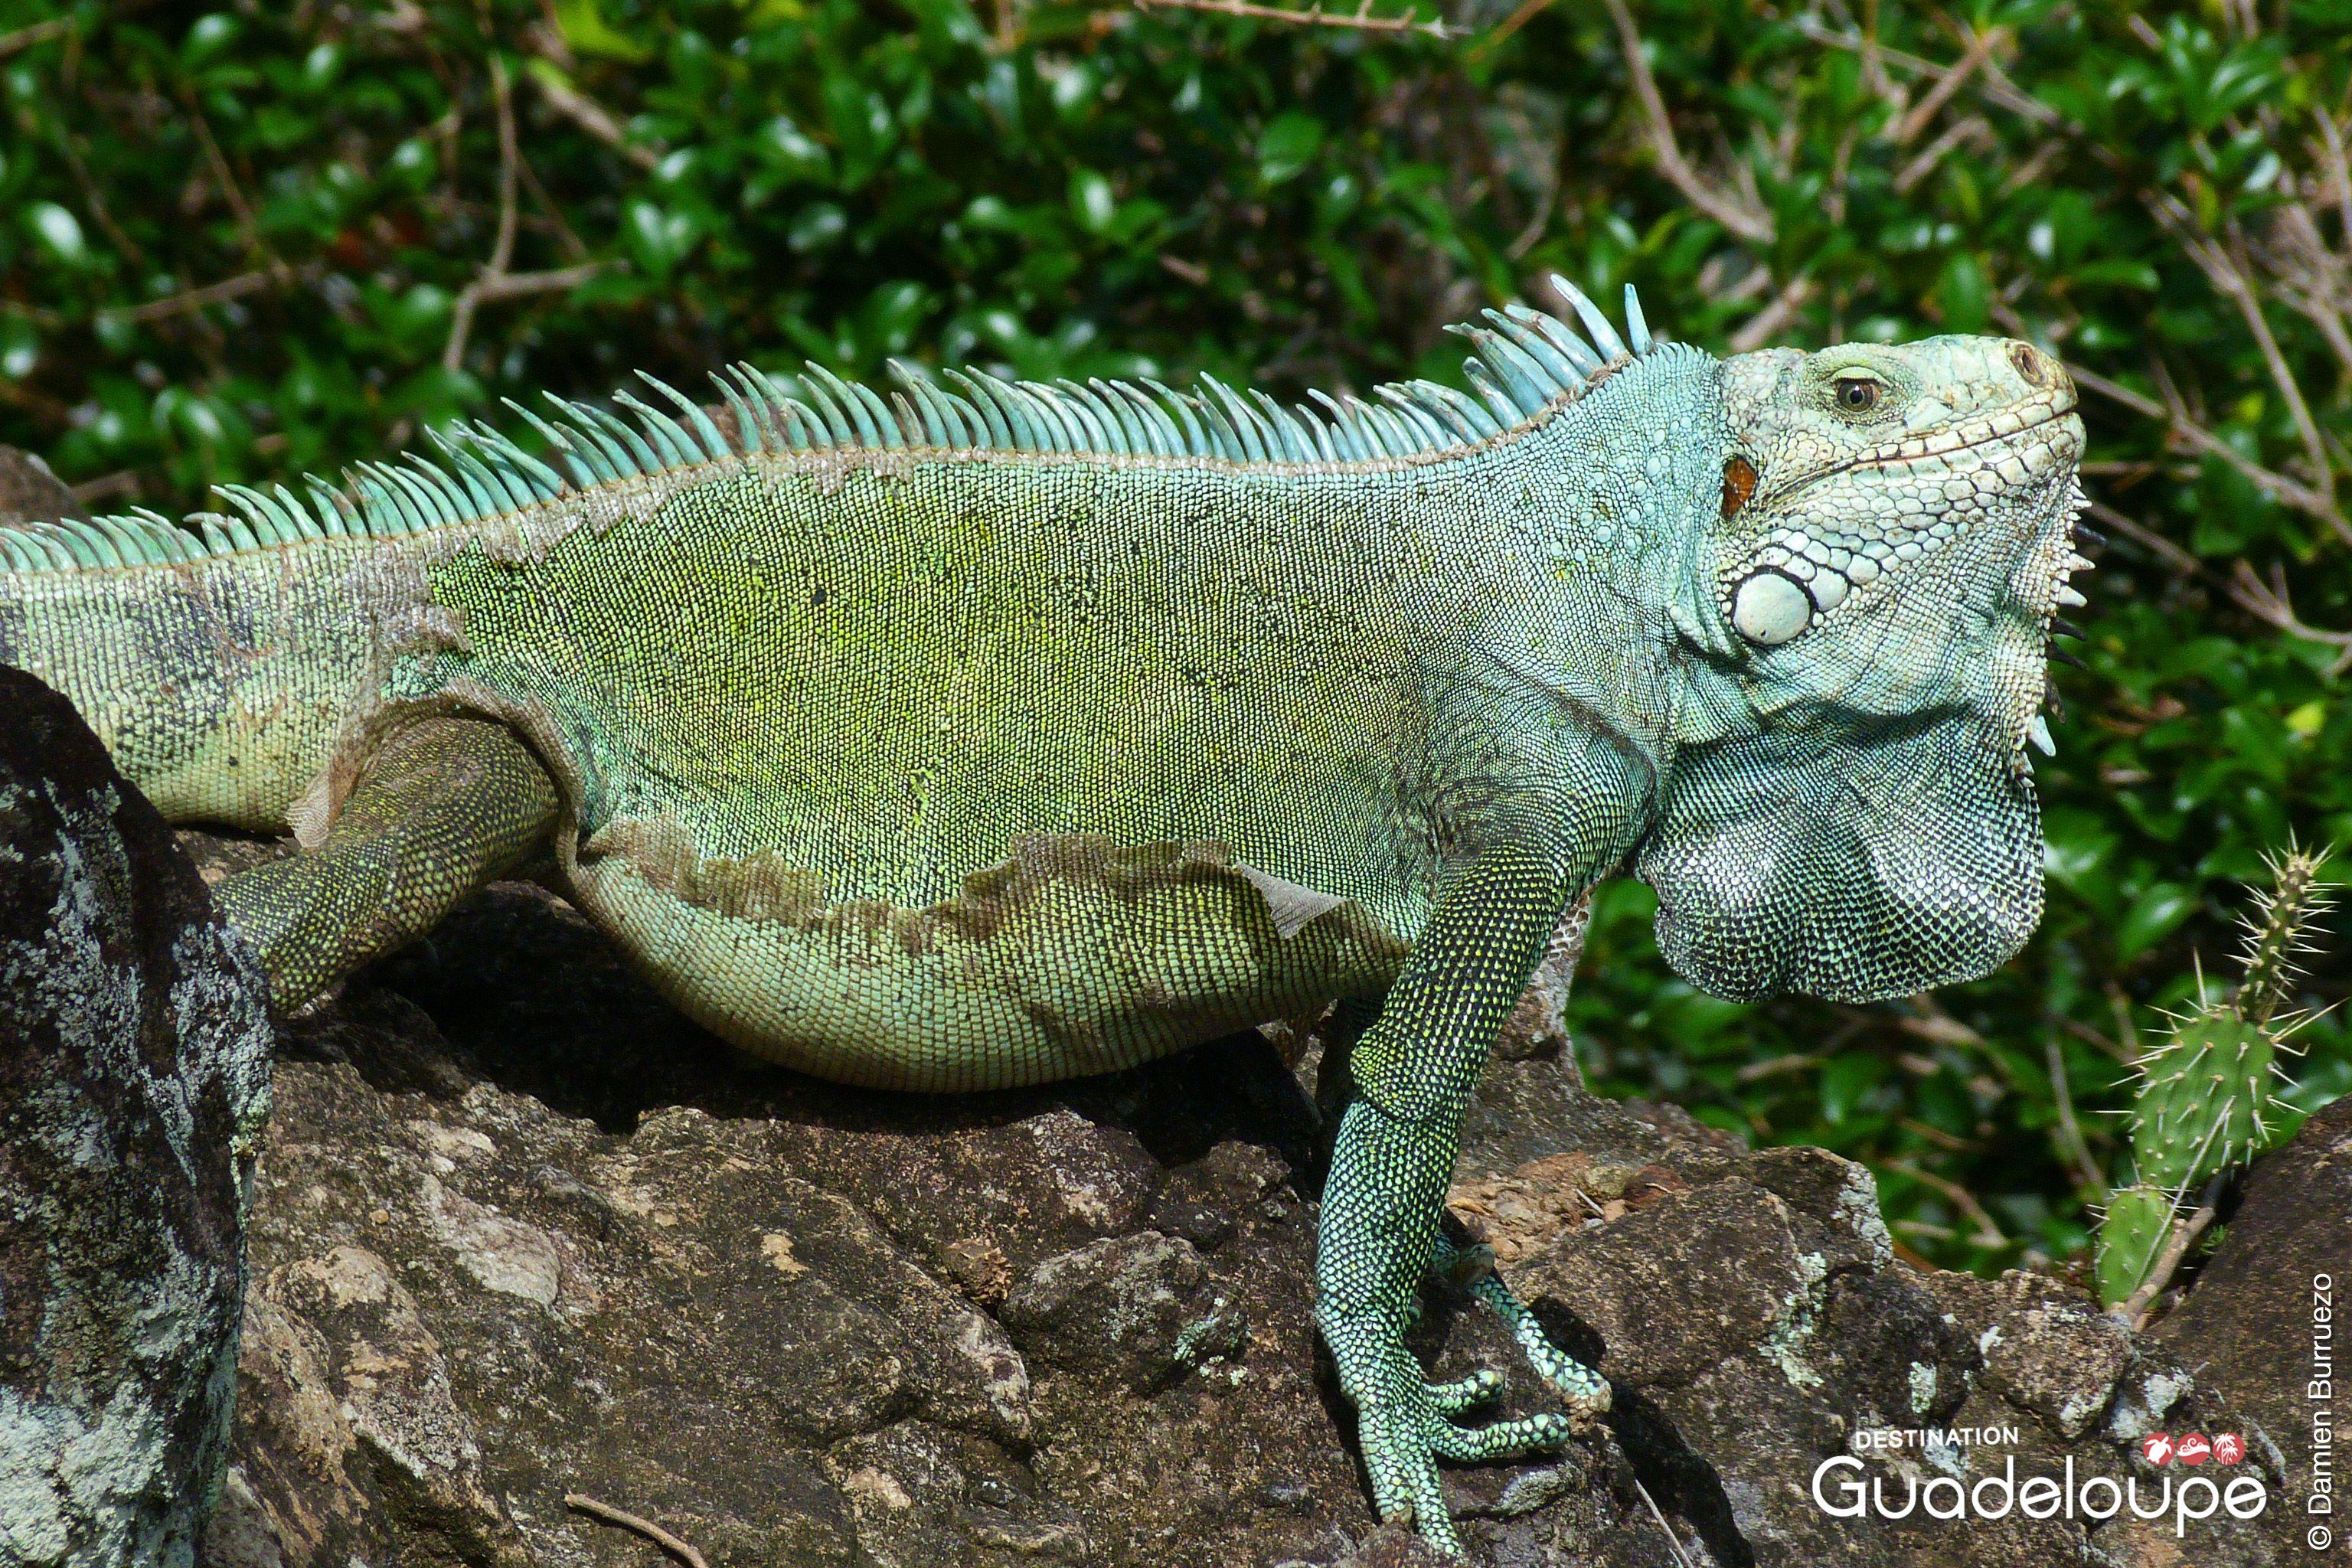 Epingle Par Destination Guadeloupe Sur Iguanes Lezards De Guadeloupe Iguane Vert Iguane Les Petites Betes